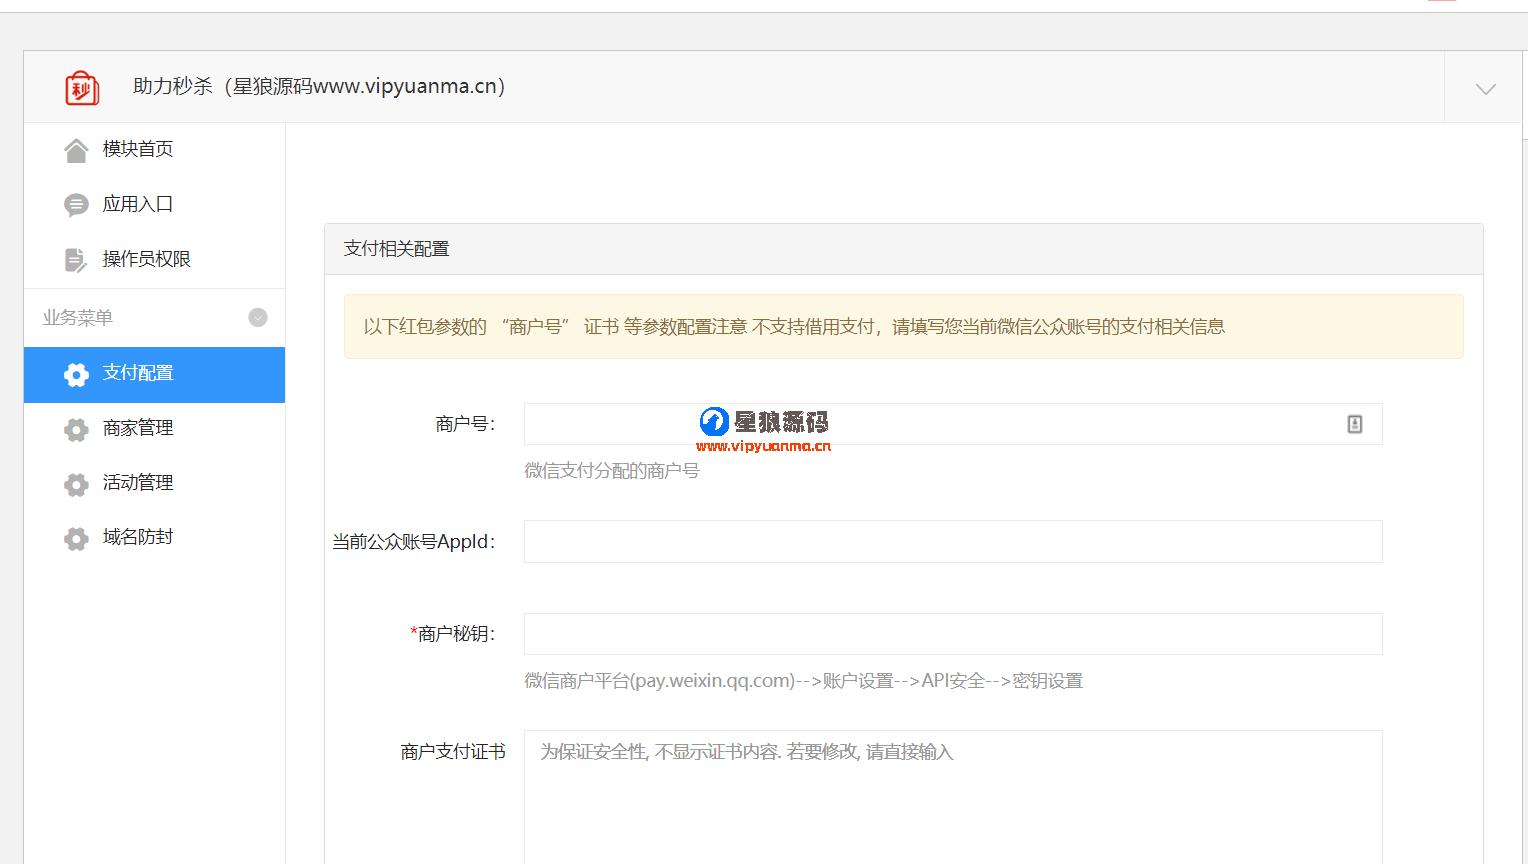 助力秒杀V1.2.12原版程序打包全开源(星狼已测试) 第1张